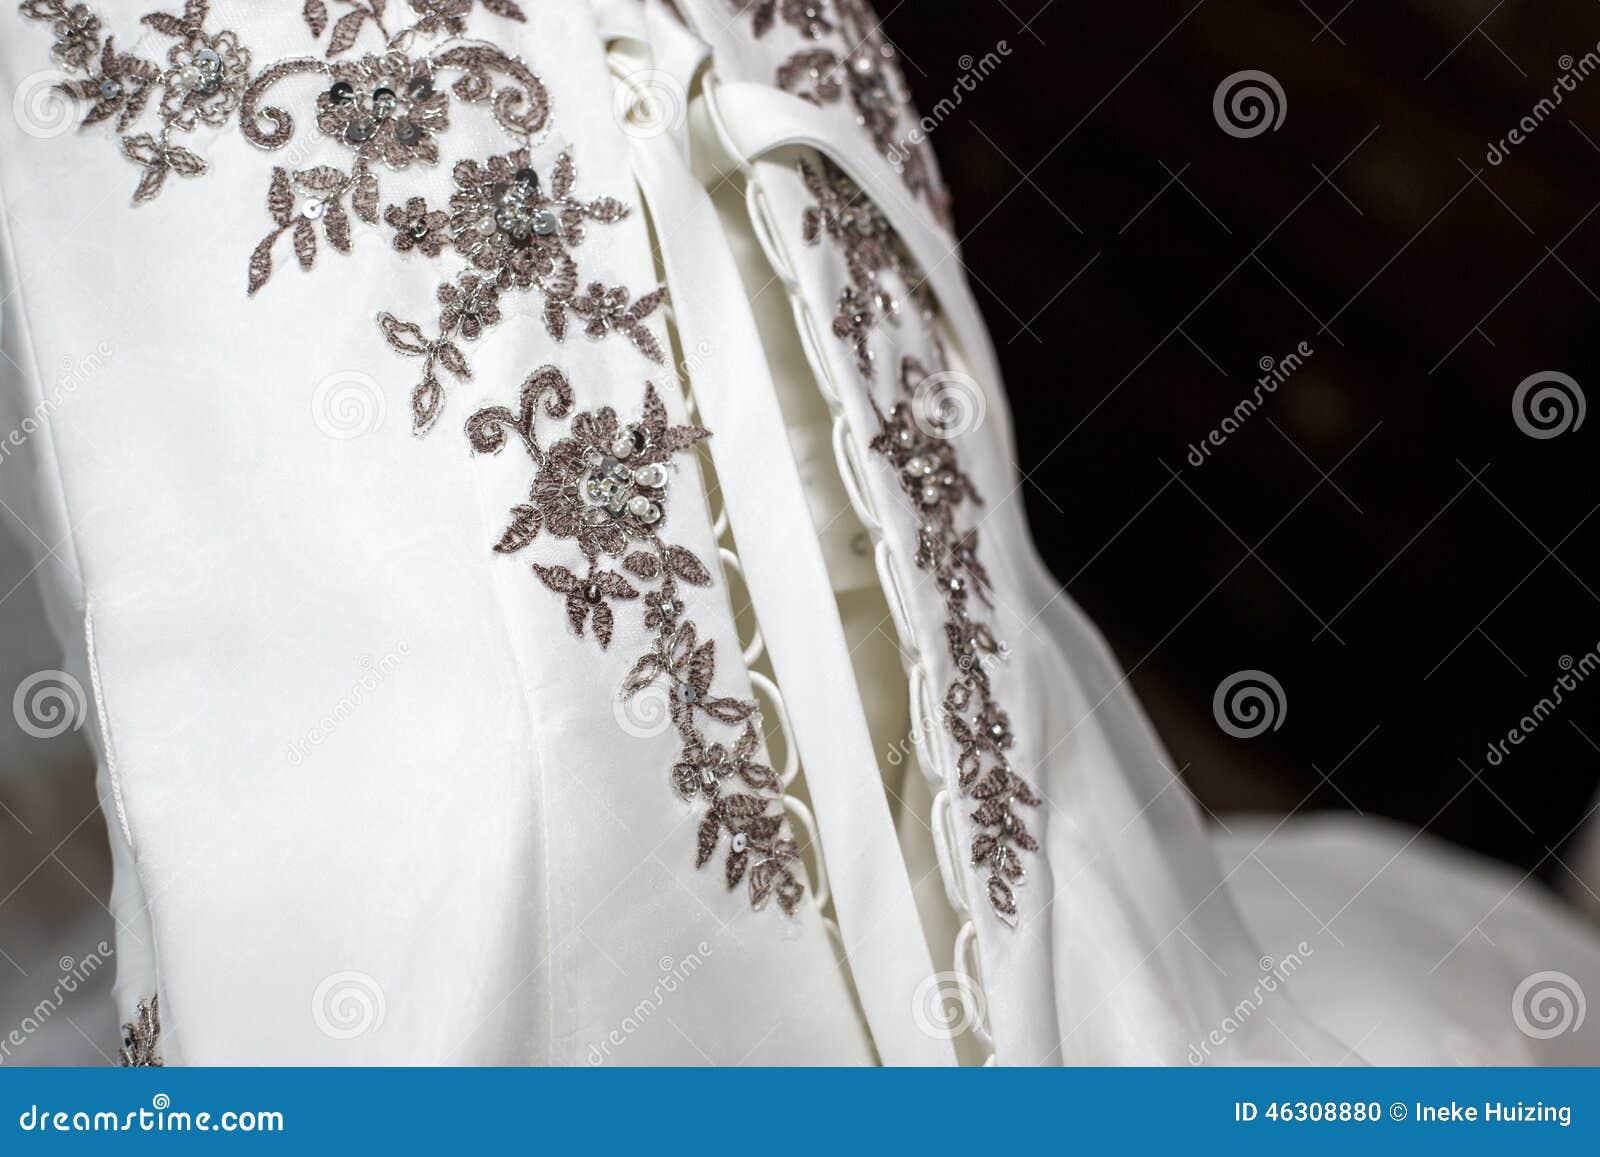 Details van een huwelijkskleding